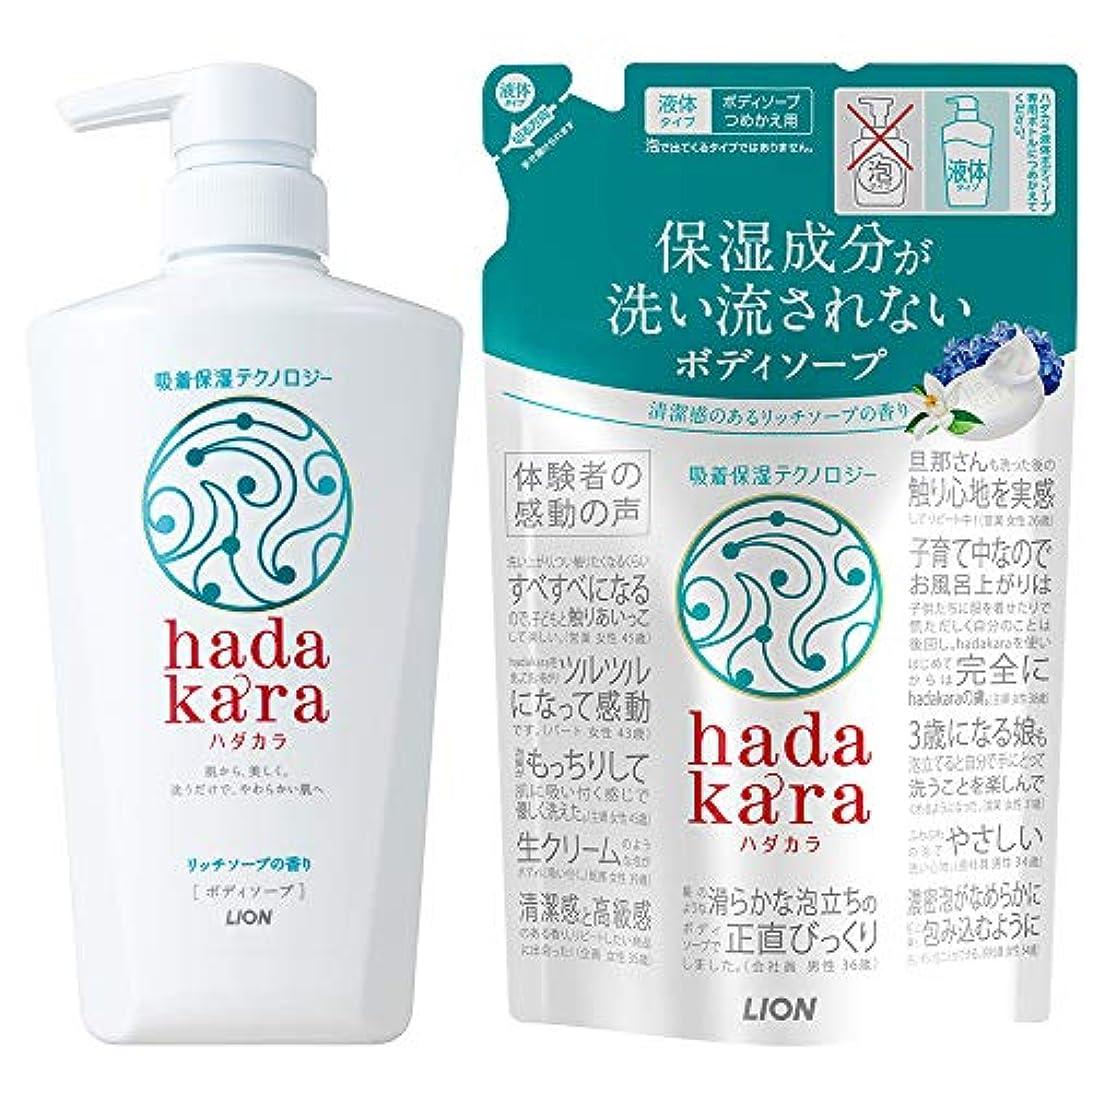 同封する太平洋諸島武装解除hadakara(ハダカラ) ボディソープ リッチソープの香り 本体500ml+つめかえ360ml